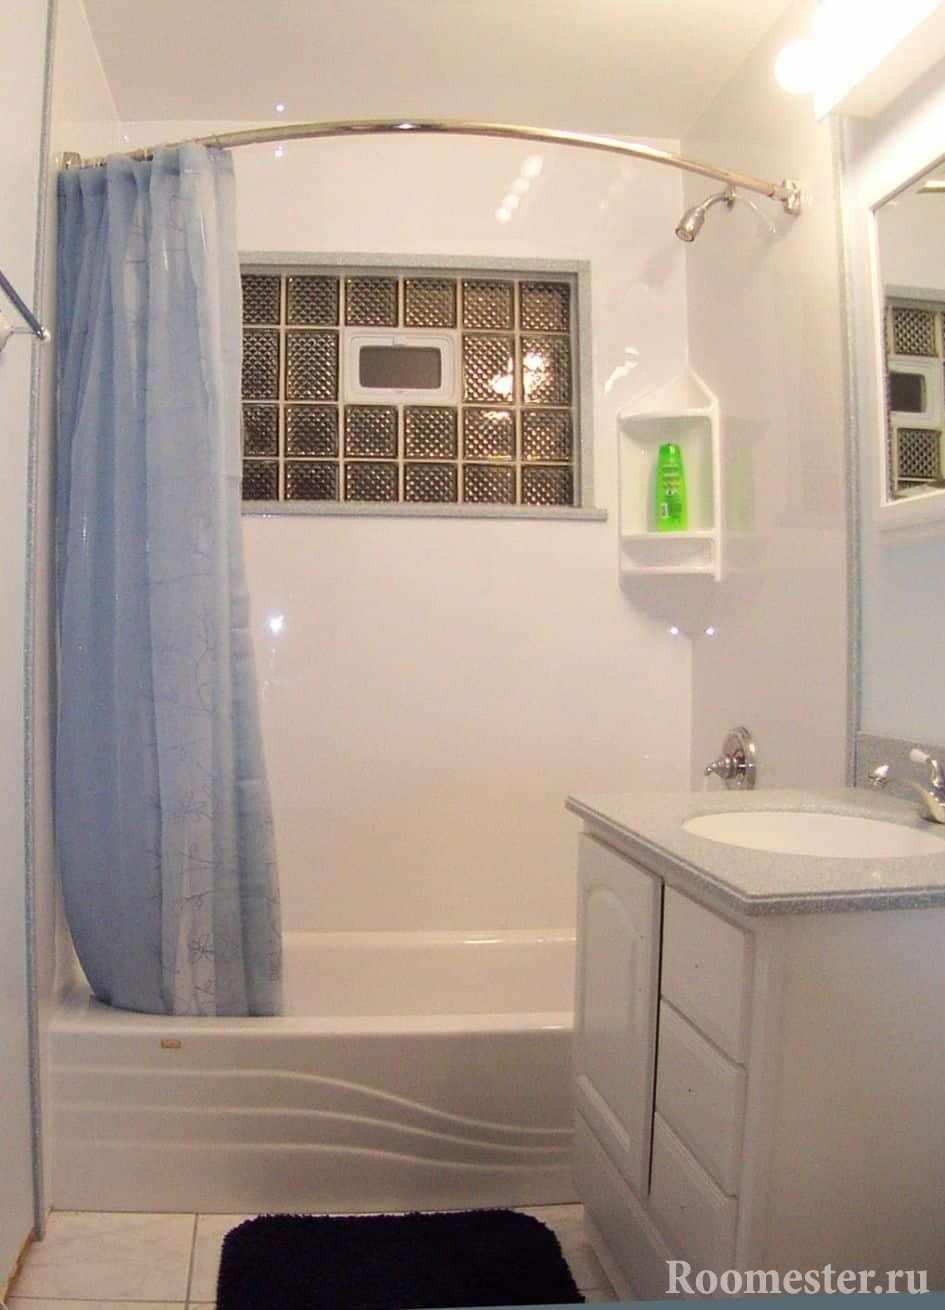 Вариант дизайна маленькой ванной комнаты без туалета